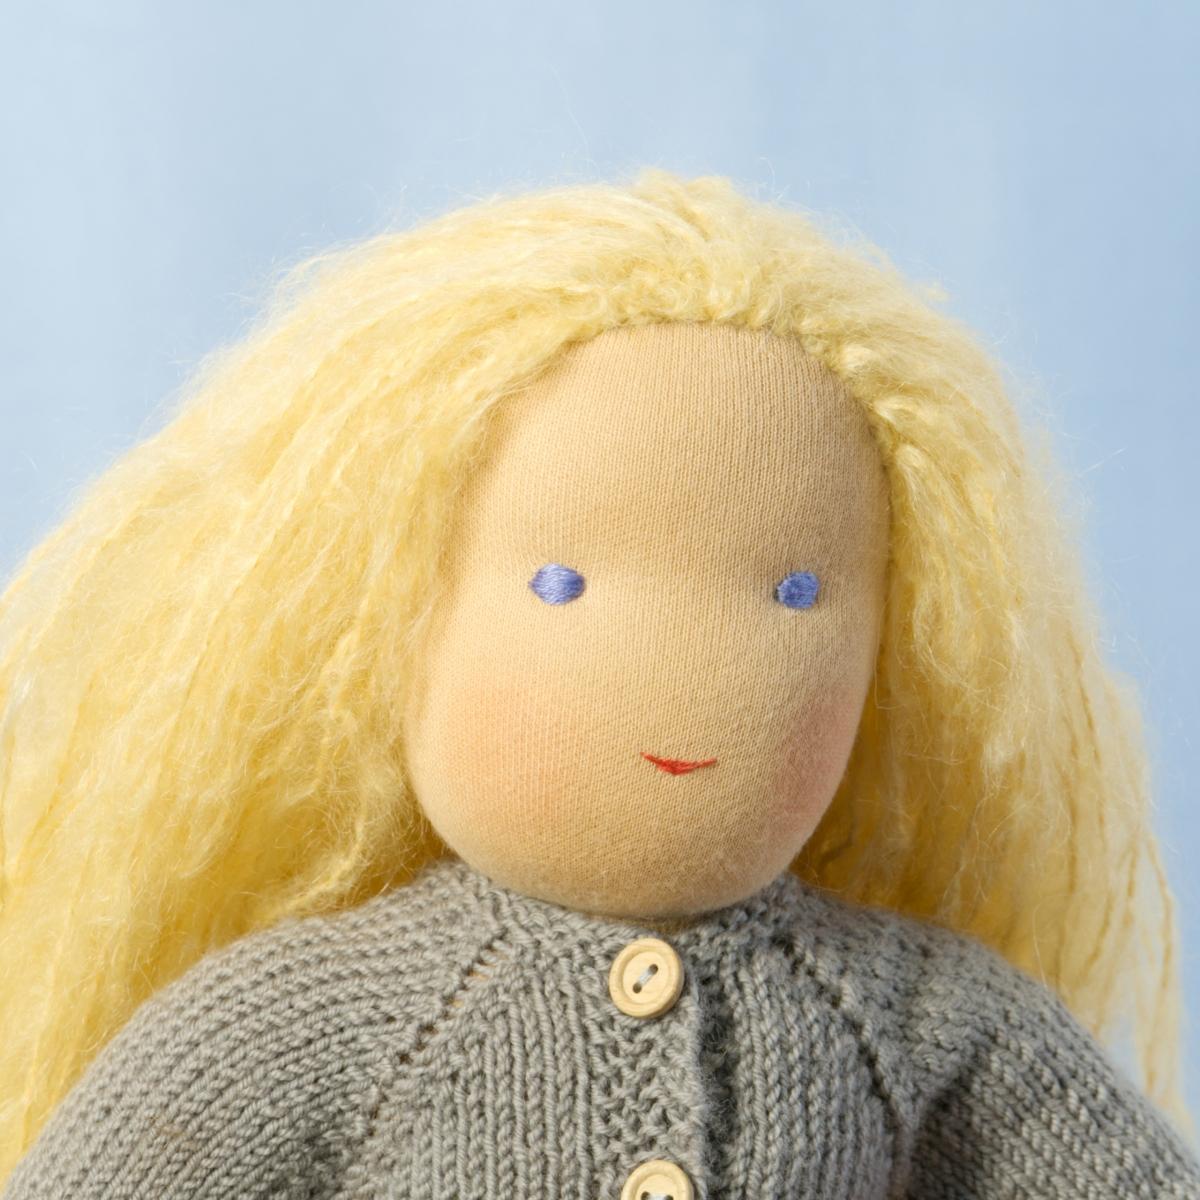 Puppe mit hellem Hautton nach Waldorf-Art, offene lange blonde Haare, gekleidet in grauen Strickanzug